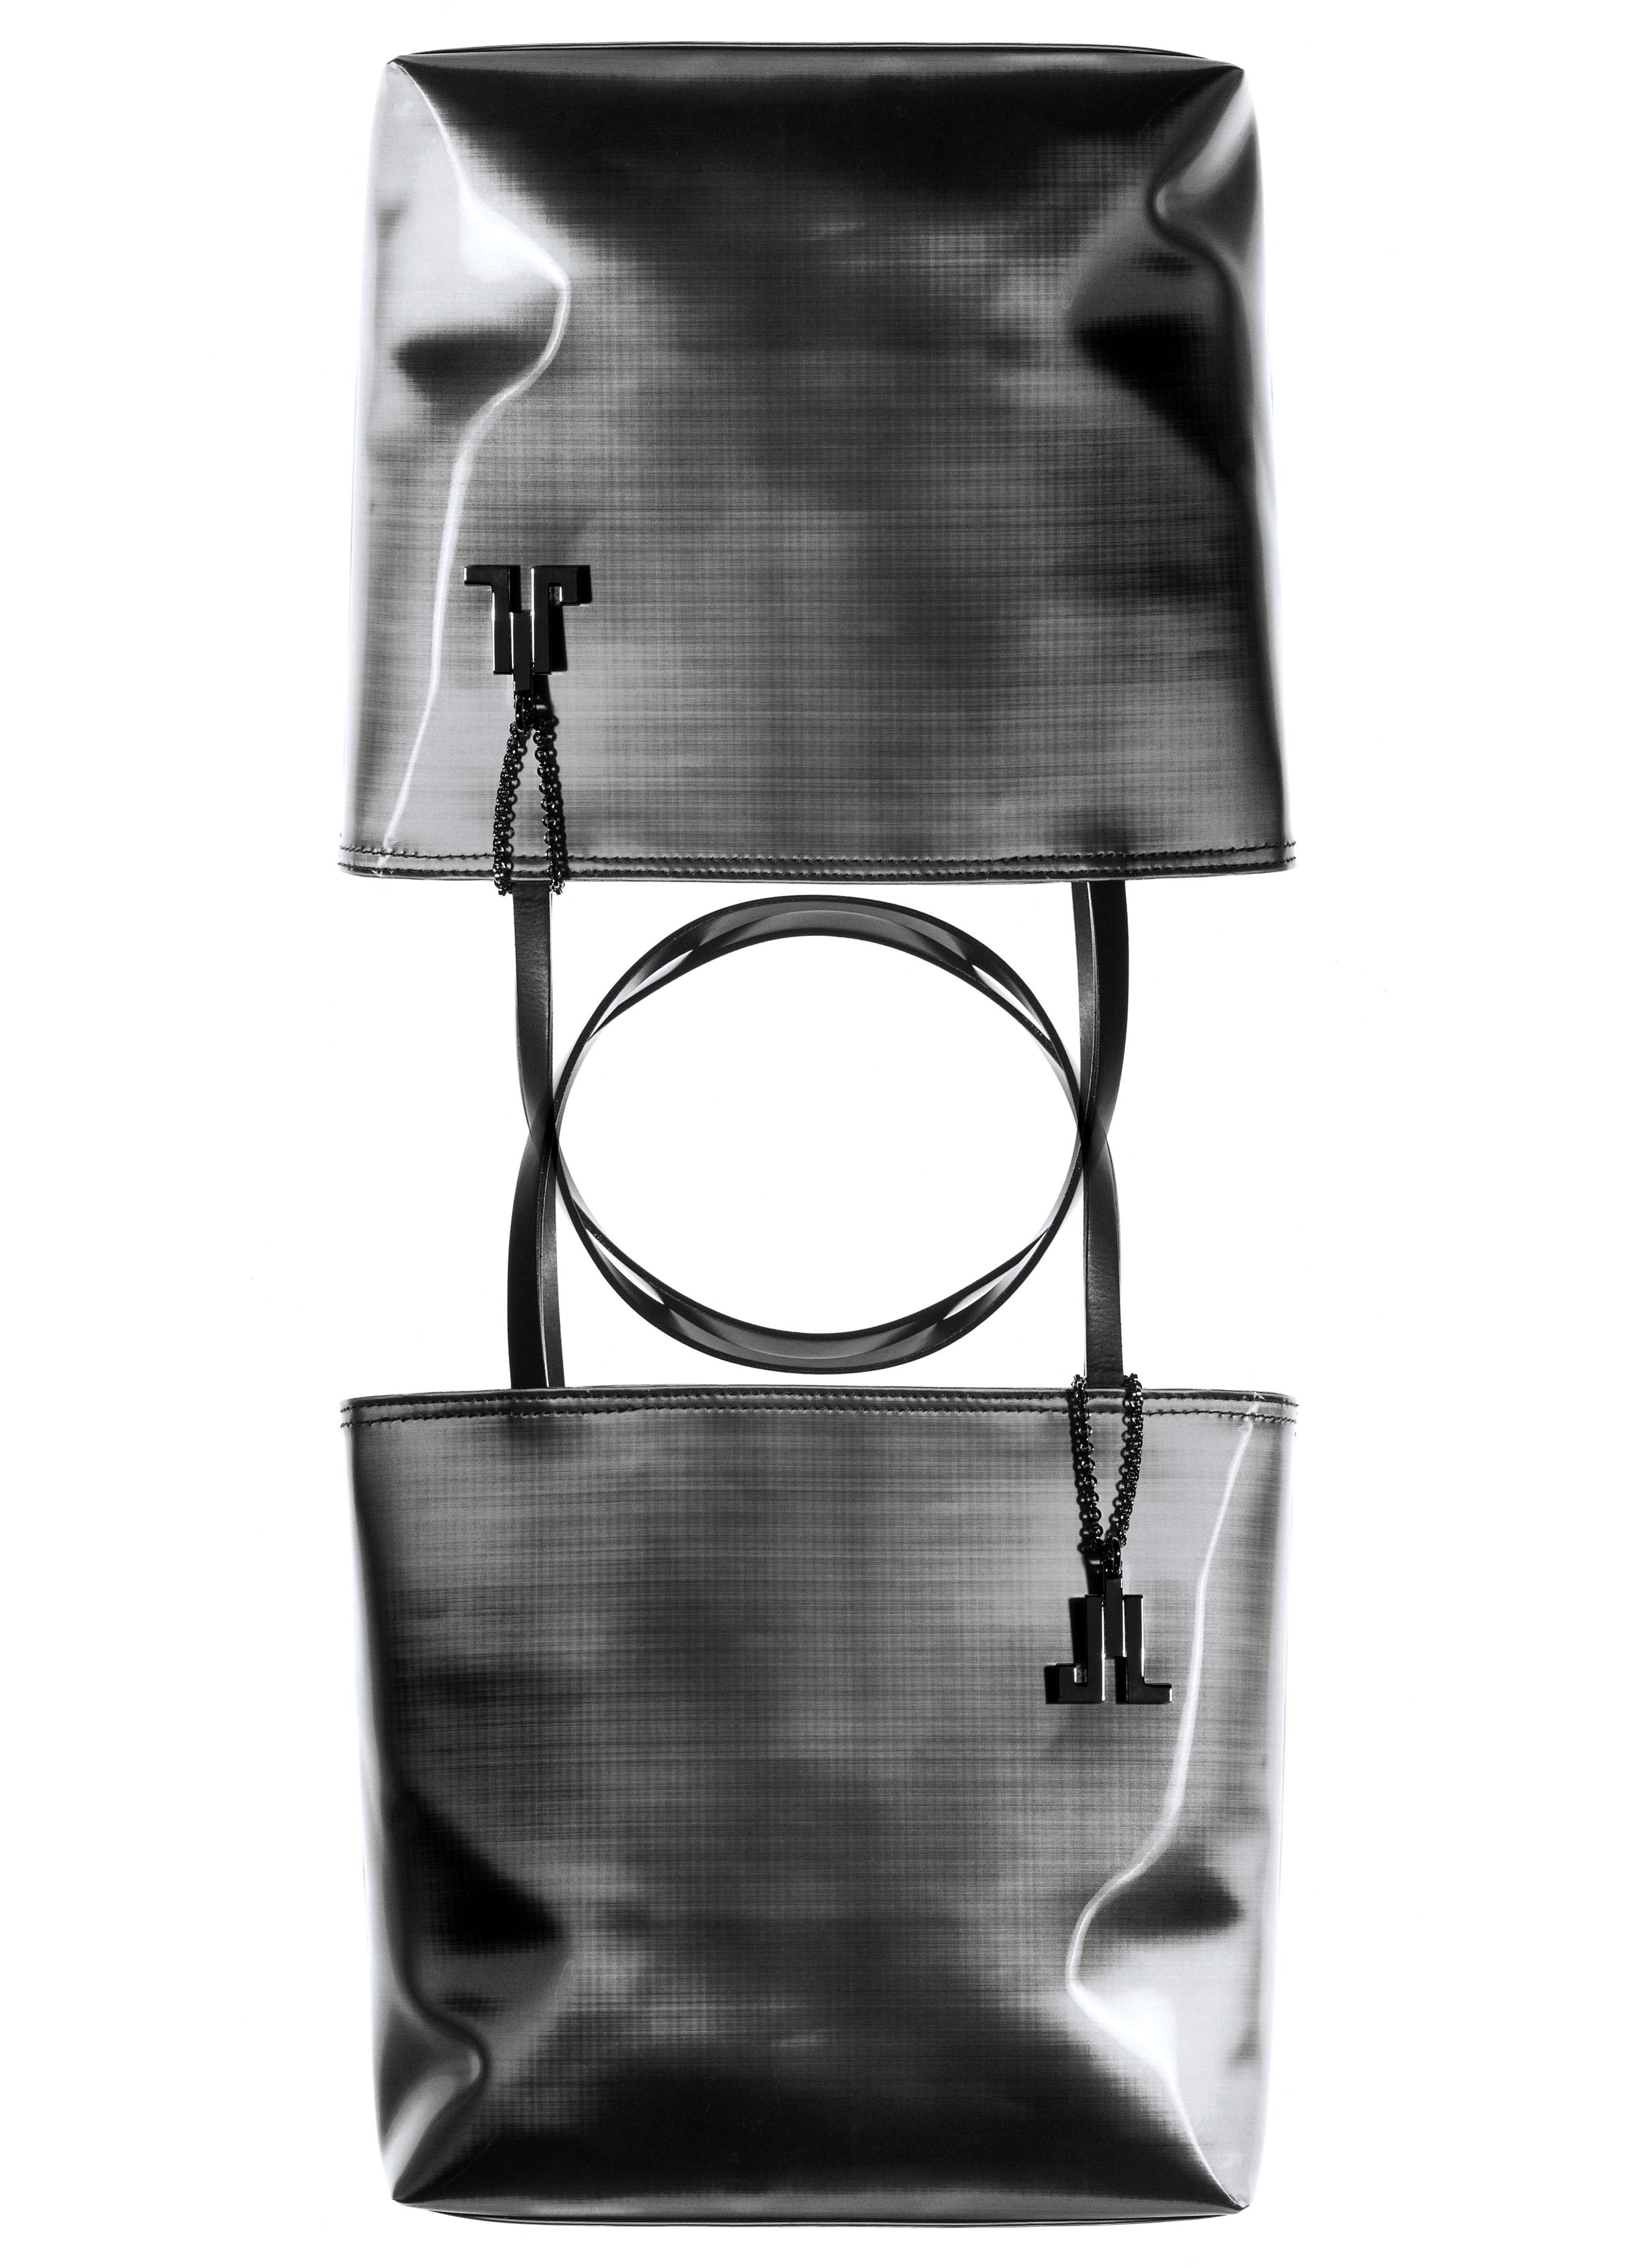 フィガロバック002.jpg